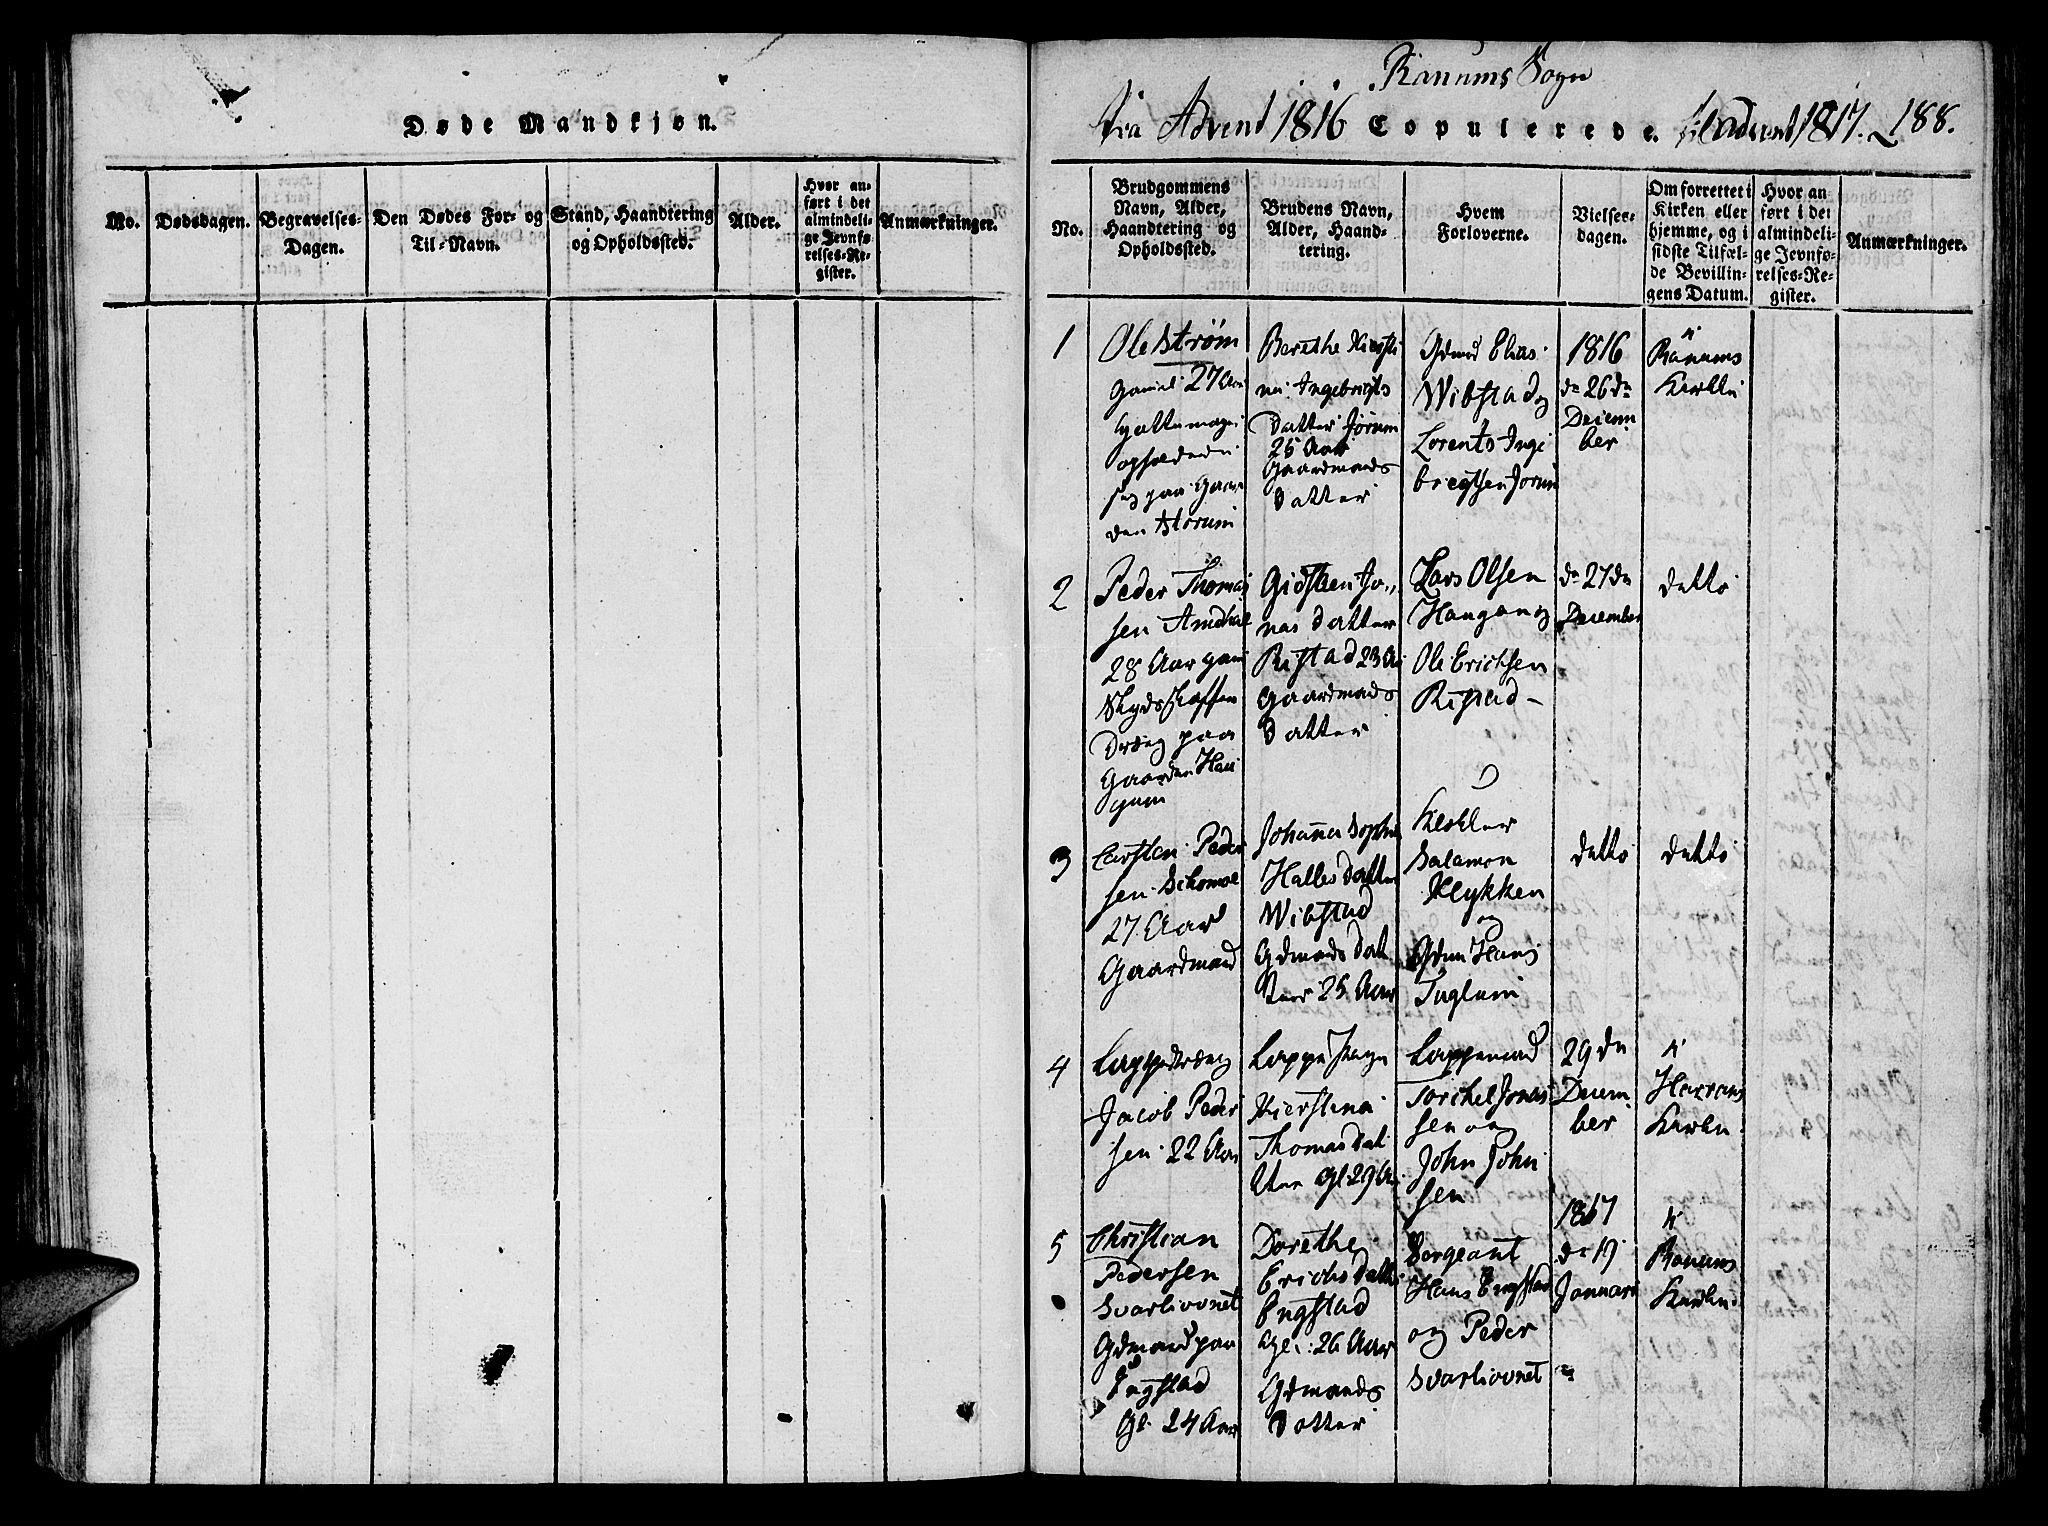 SAT, Ministerialprotokoller, klokkerbøker og fødselsregistre - Nord-Trøndelag, 764/L0546: Ministerialbok nr. 764A06 /1, 1816-1823, s. 188